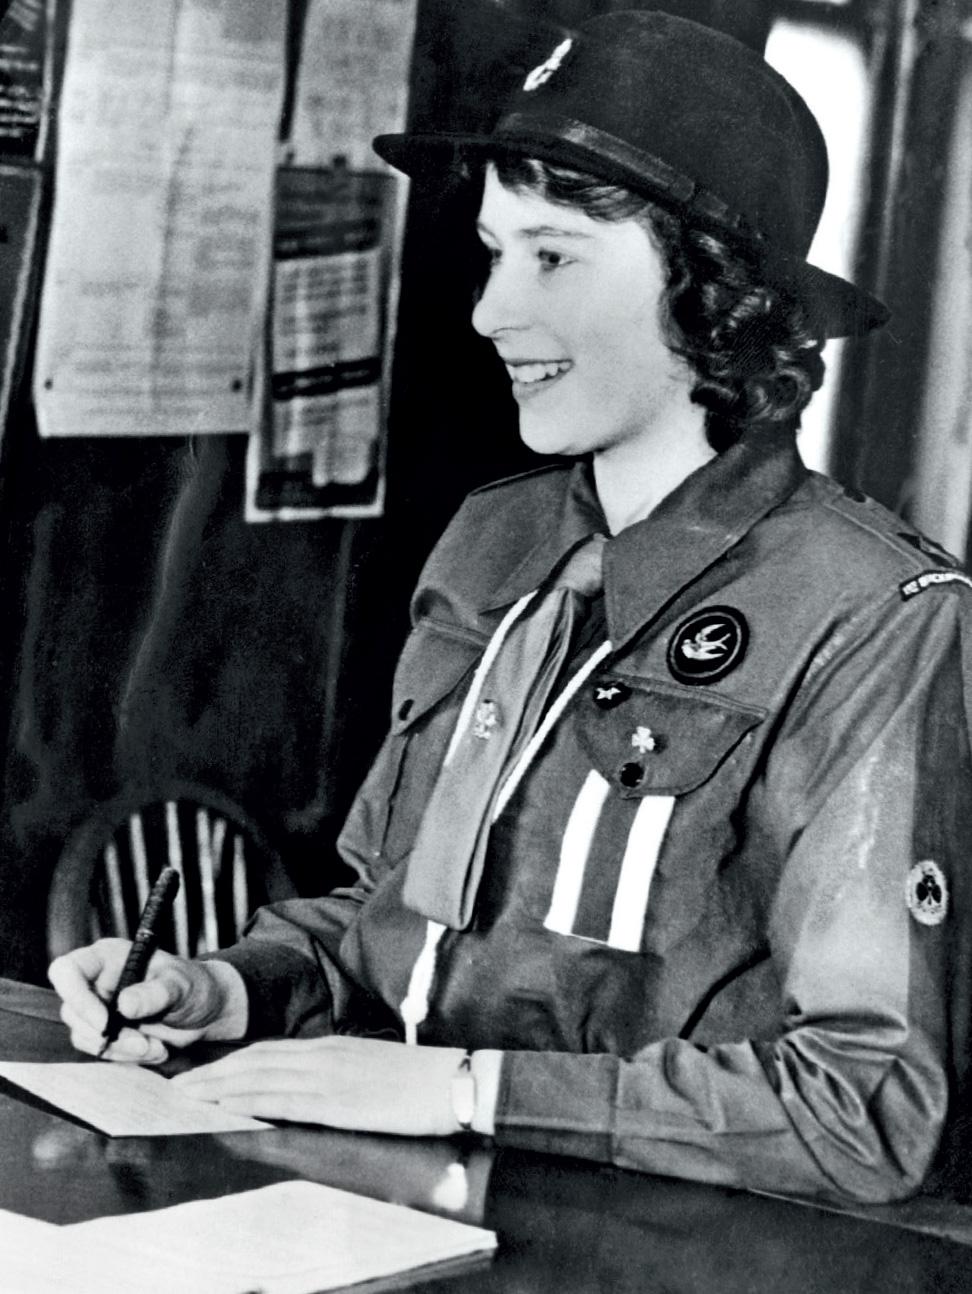 Elizabeth - Windsor